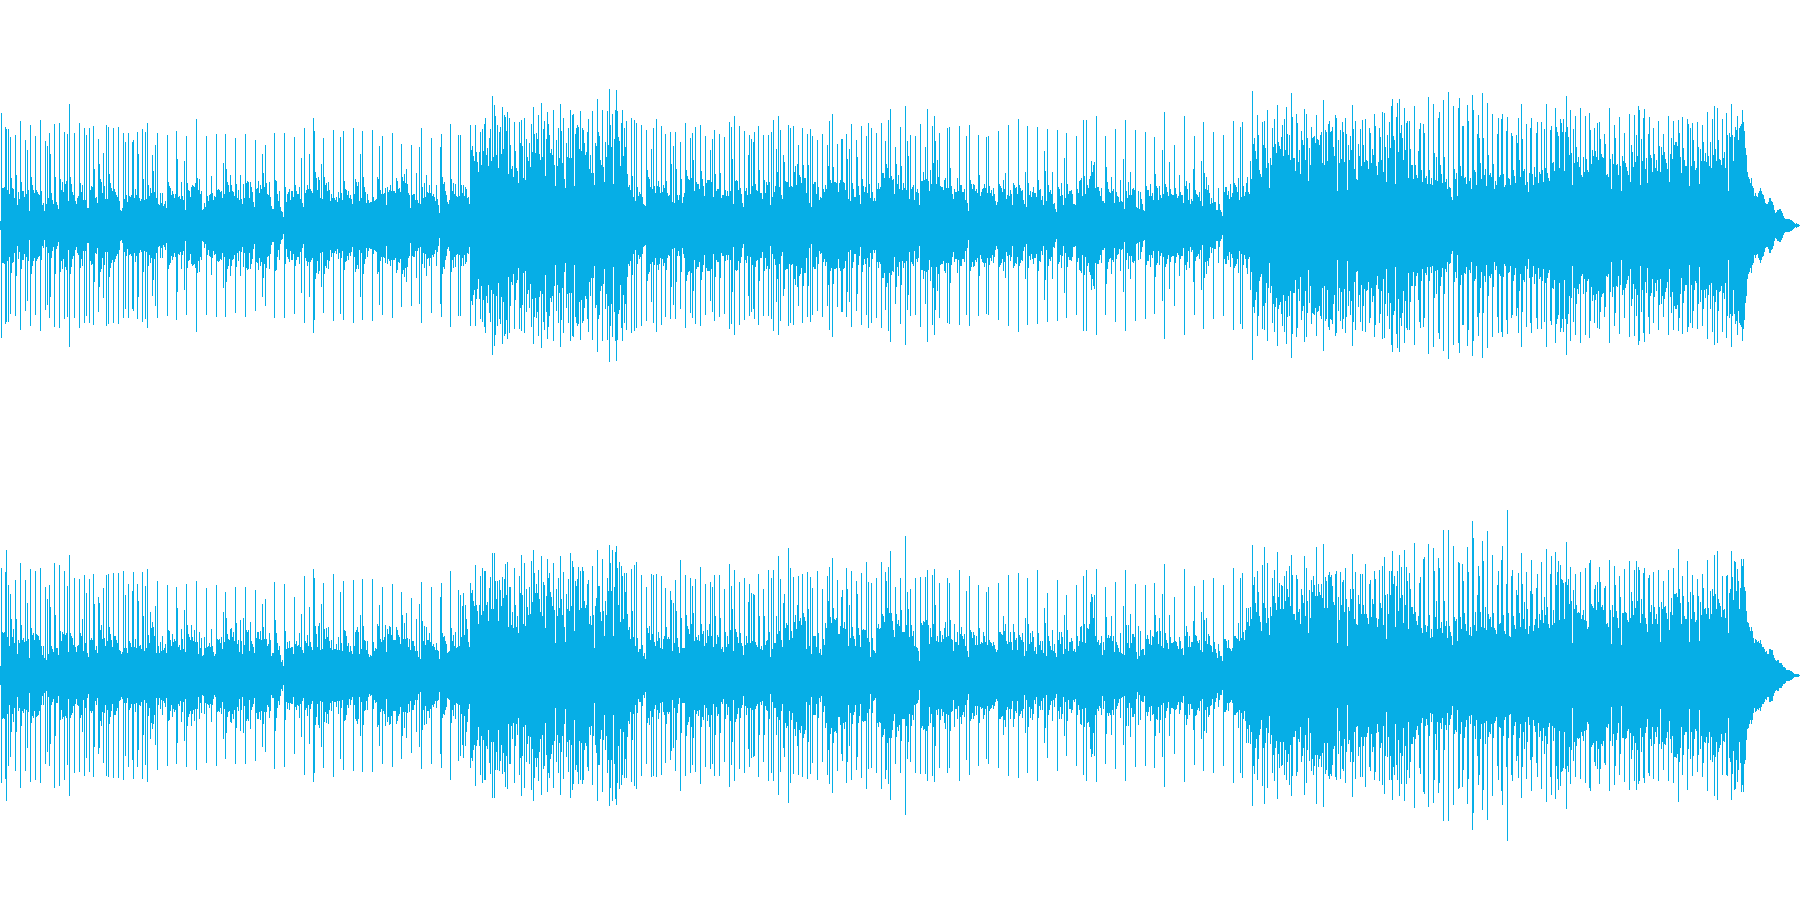 スローなフォーク調ポップの再生済みの波形